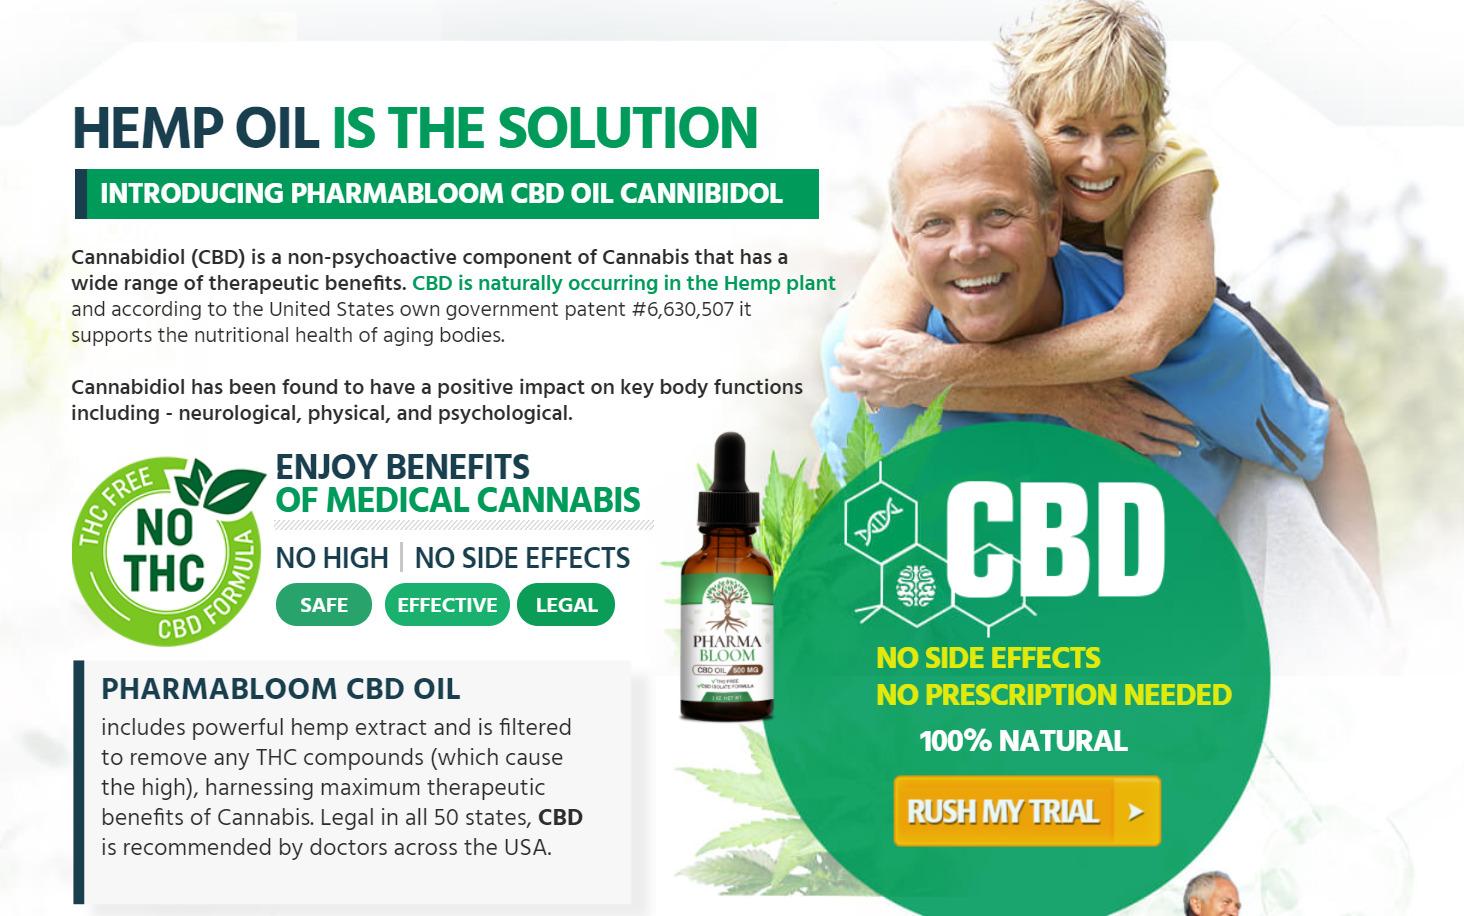 Pharma bloom cbd oil rev